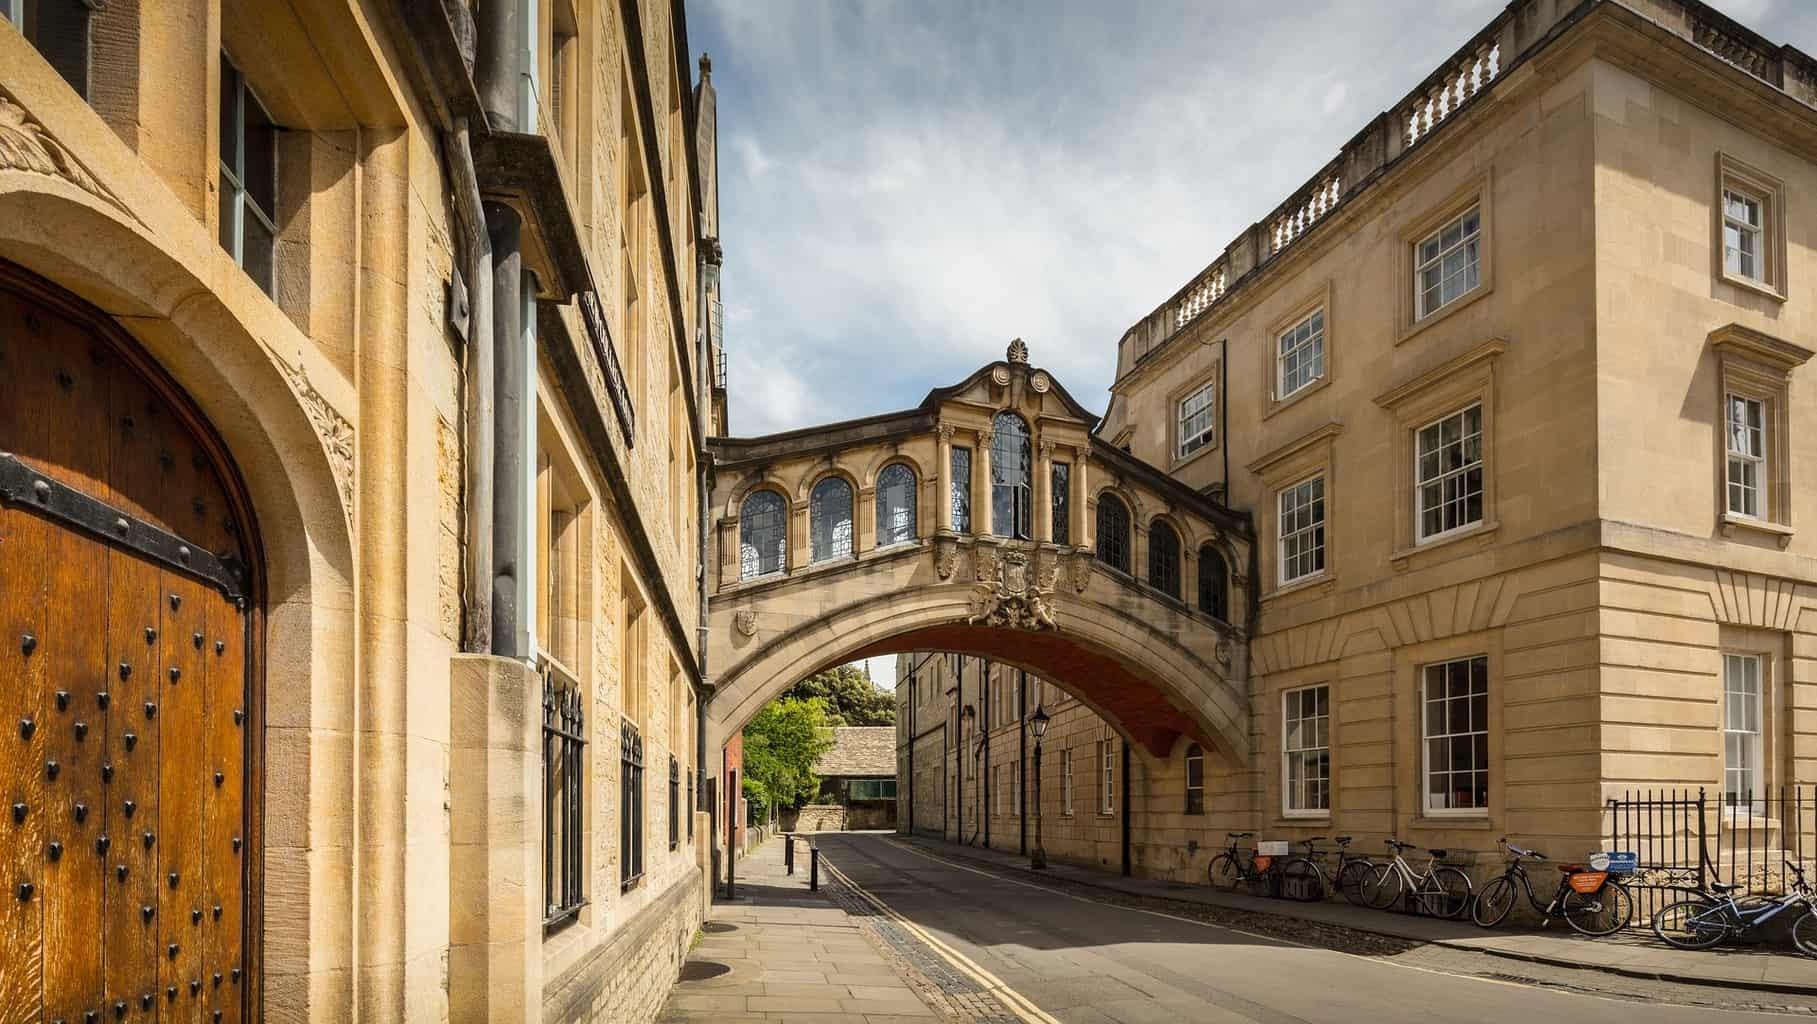 Oxford Arch Brdige